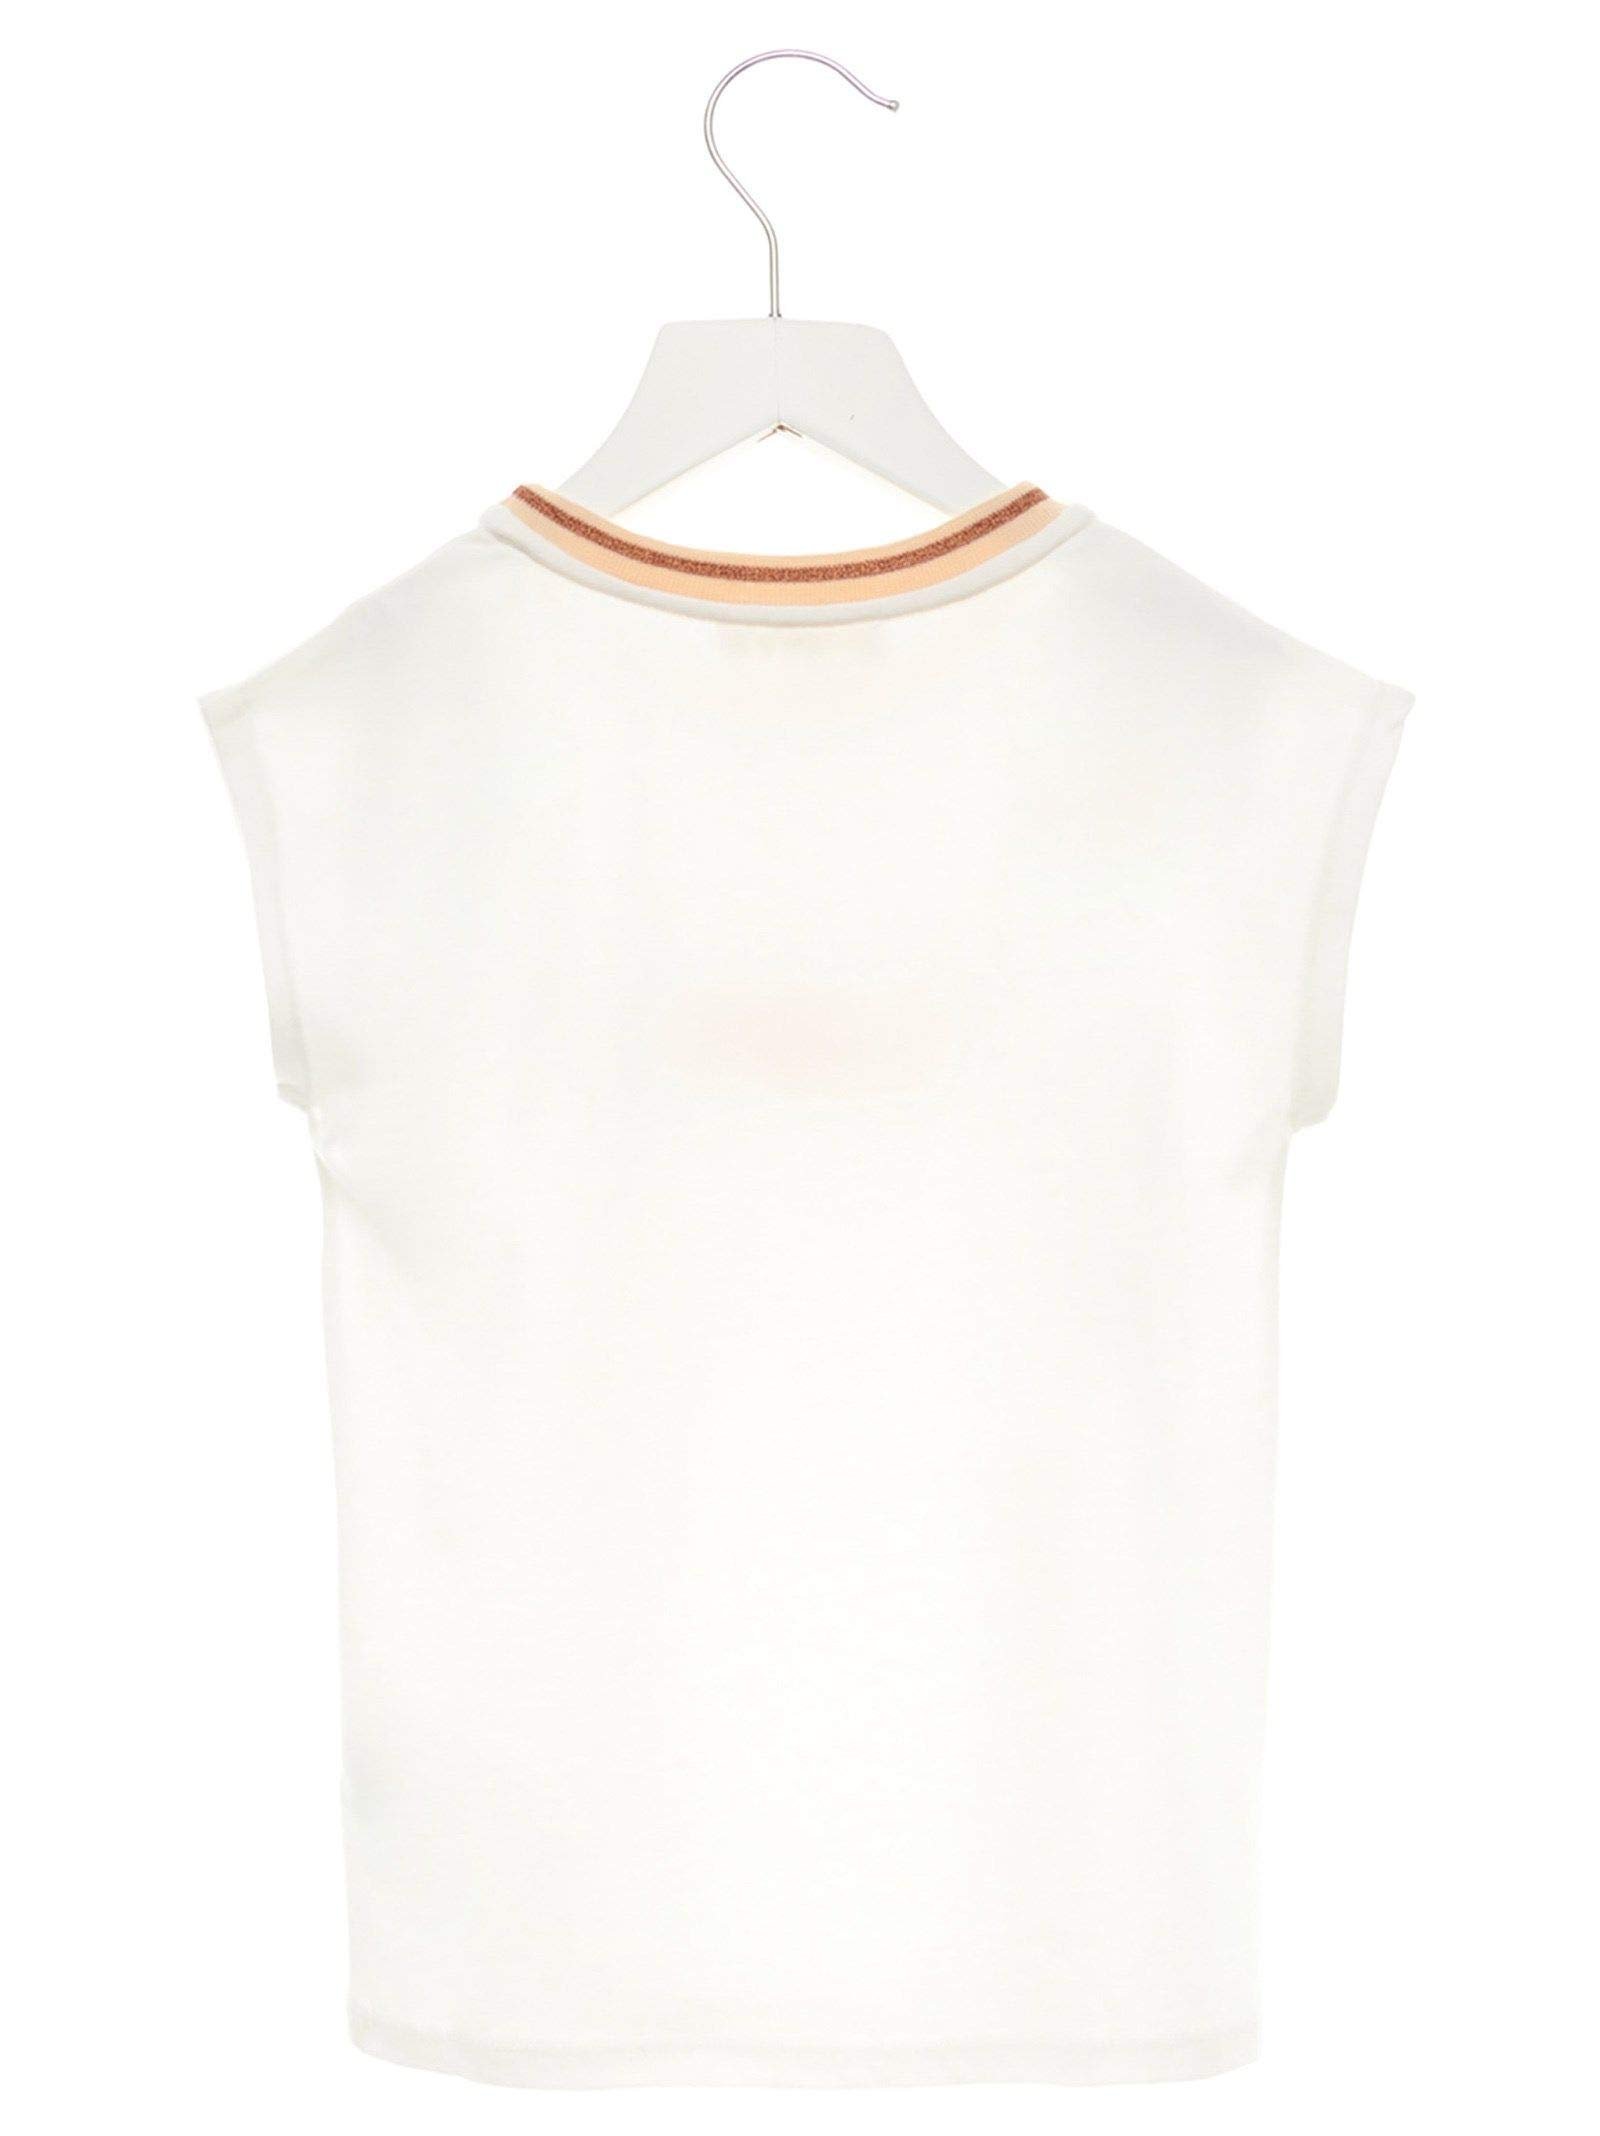 Chloé Girls C15a61117 White Cotton T-Shirt by Chloé (Image #2)